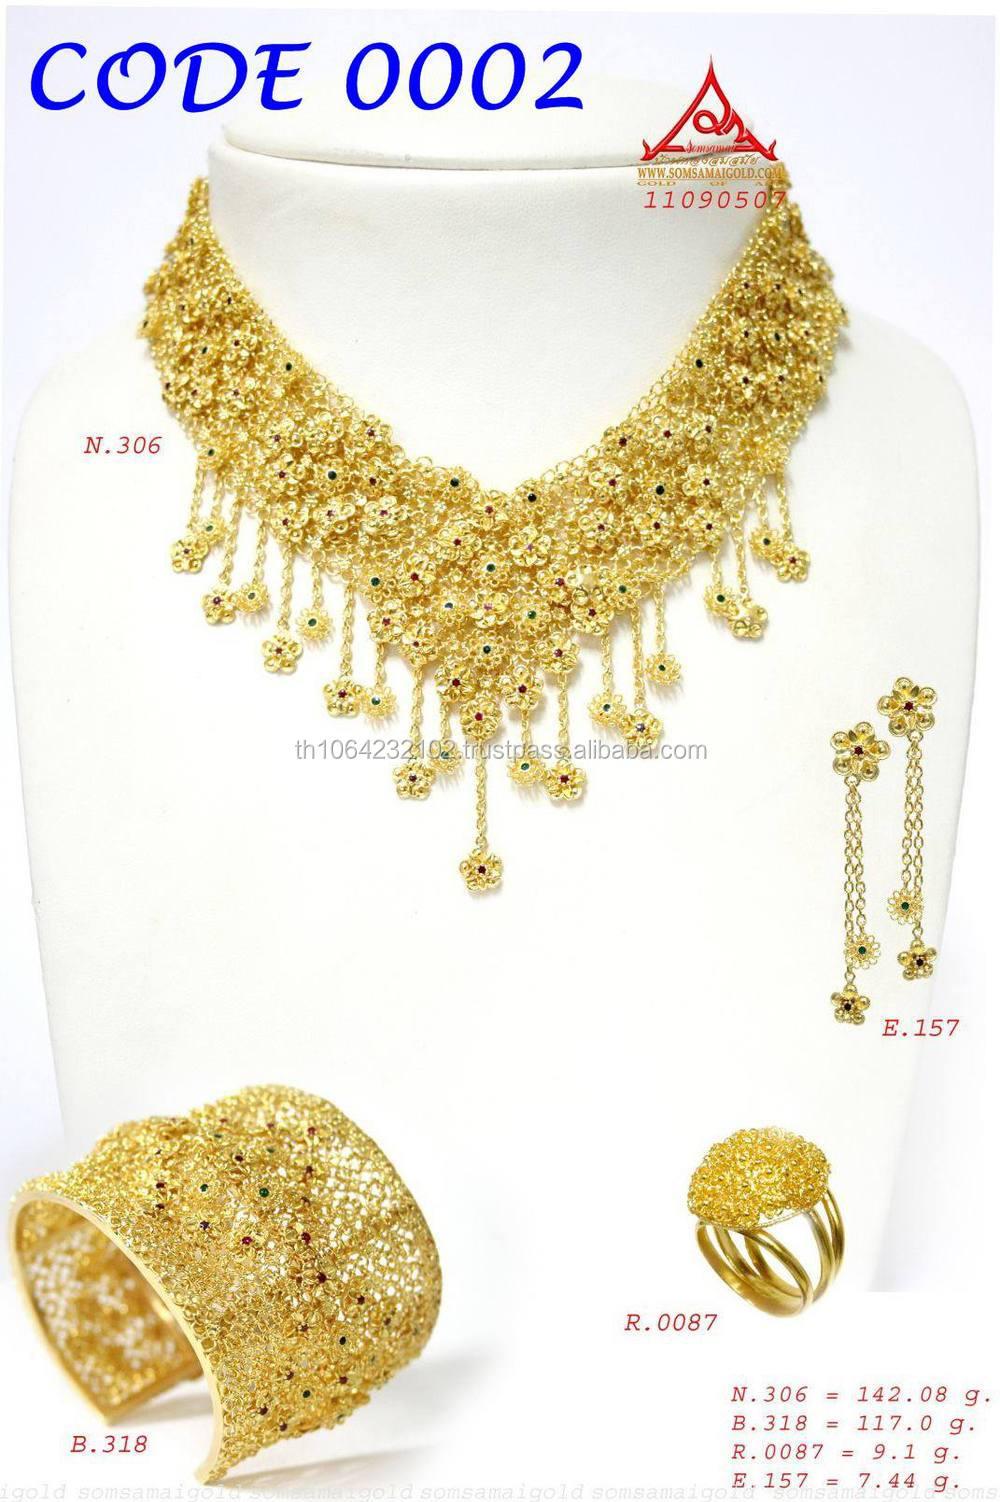 24k( 99.99%) collier en or de l\'artisanat spéciale( no. 0007 ...